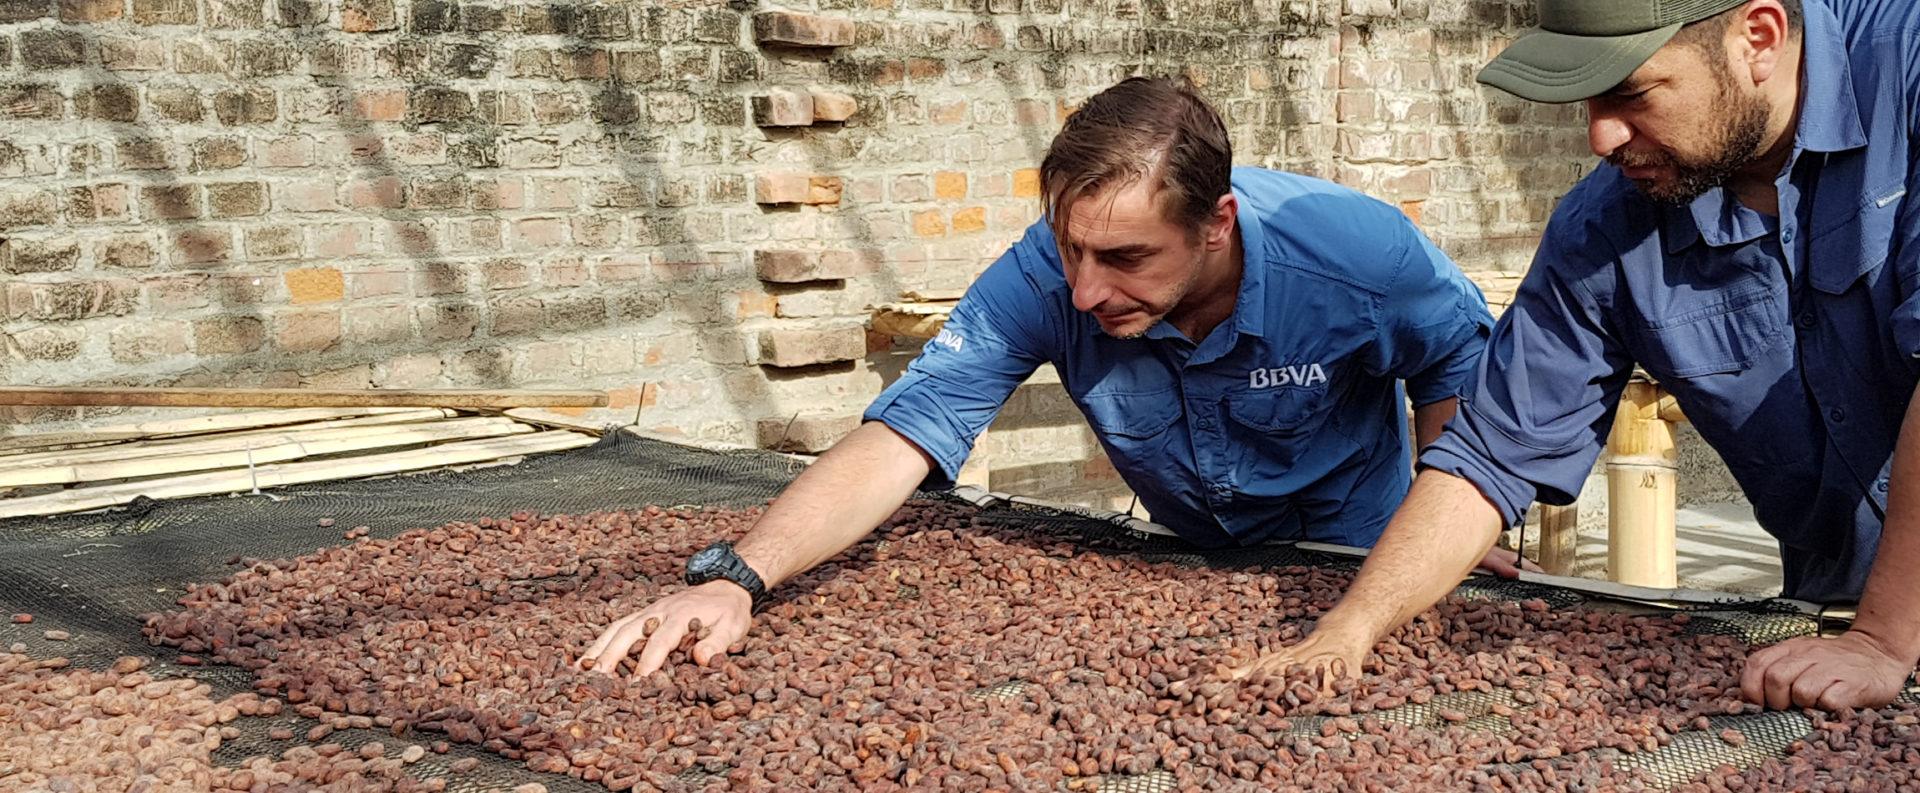 Jordi Roca palpa un secadero de granos de cacao blanco en su visita con BBVA a Perú